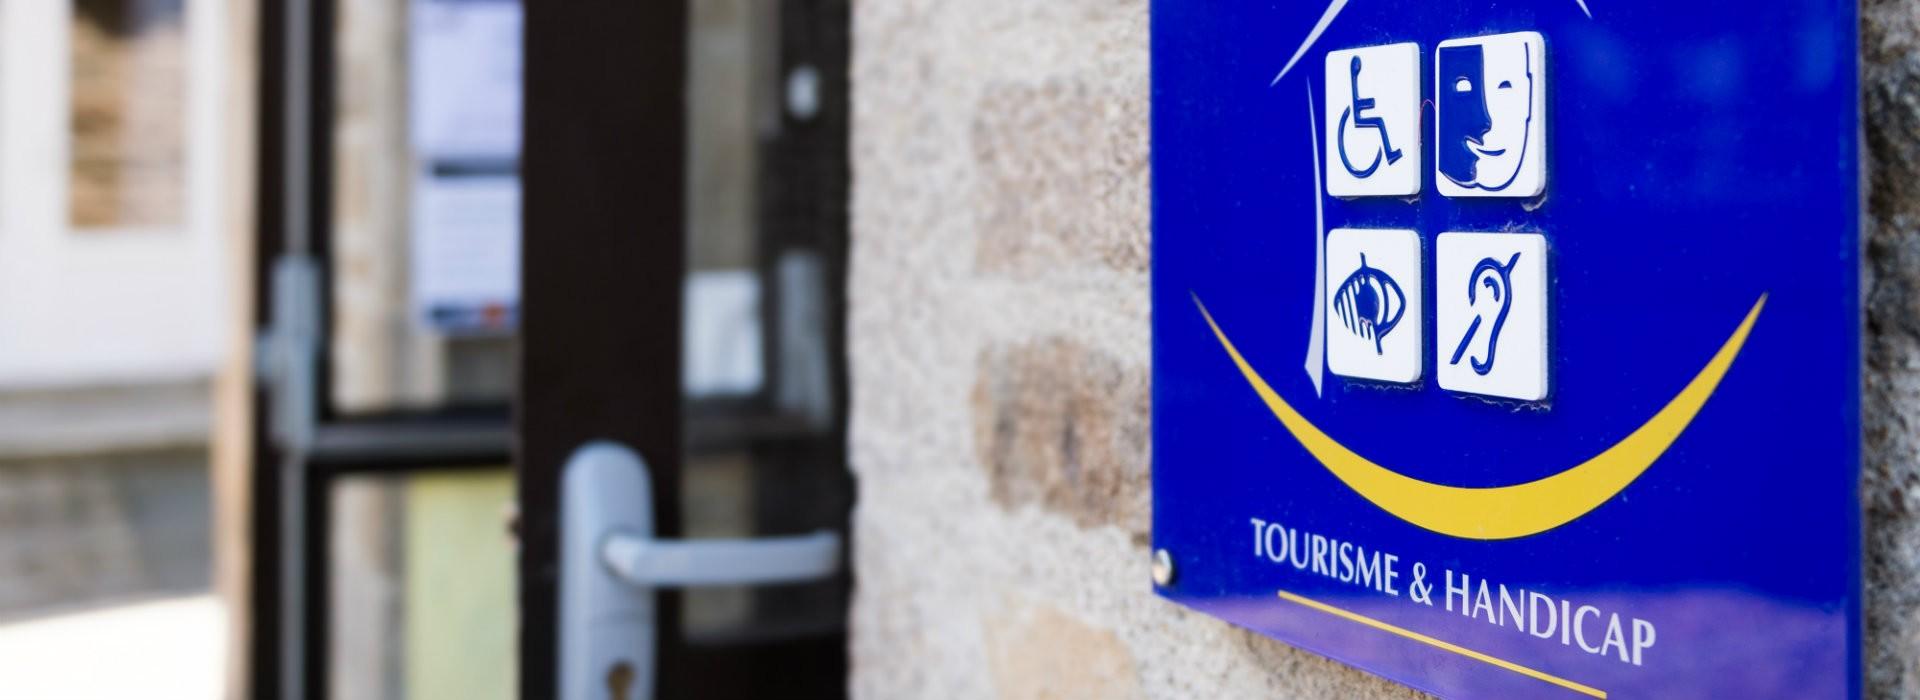 Marque Tourisme et Handicap La Baule Presqu'île de Guérande